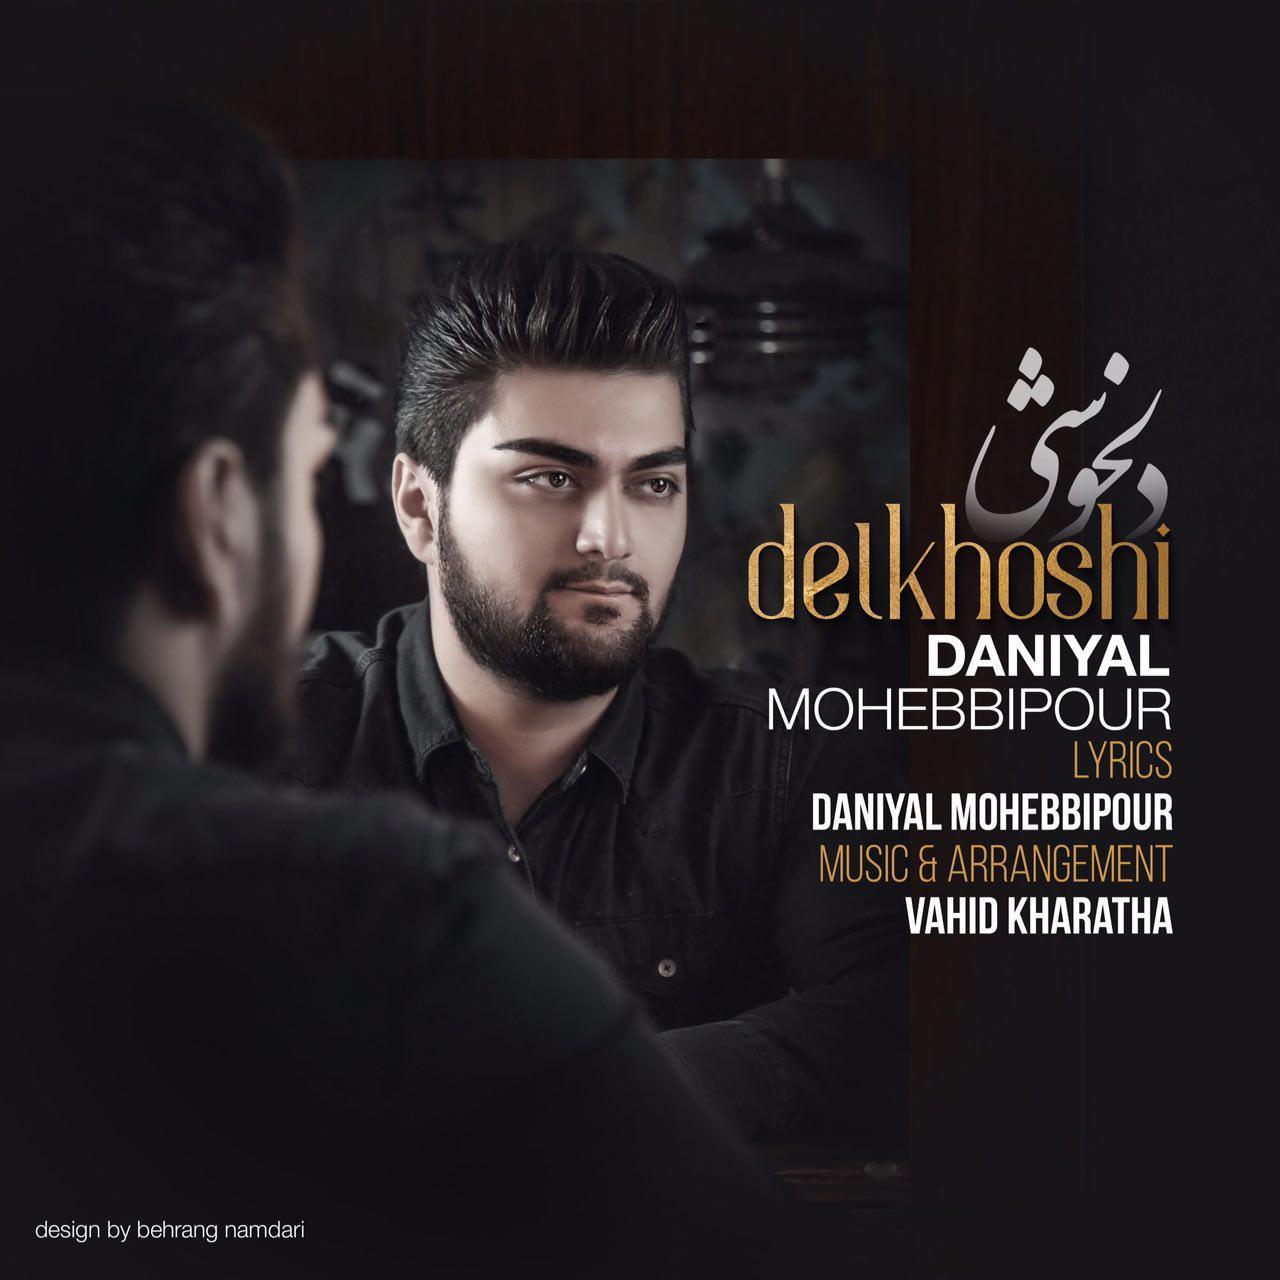 دانلود آهنگ Delkhoshi از Daniyal Mohebbipour.